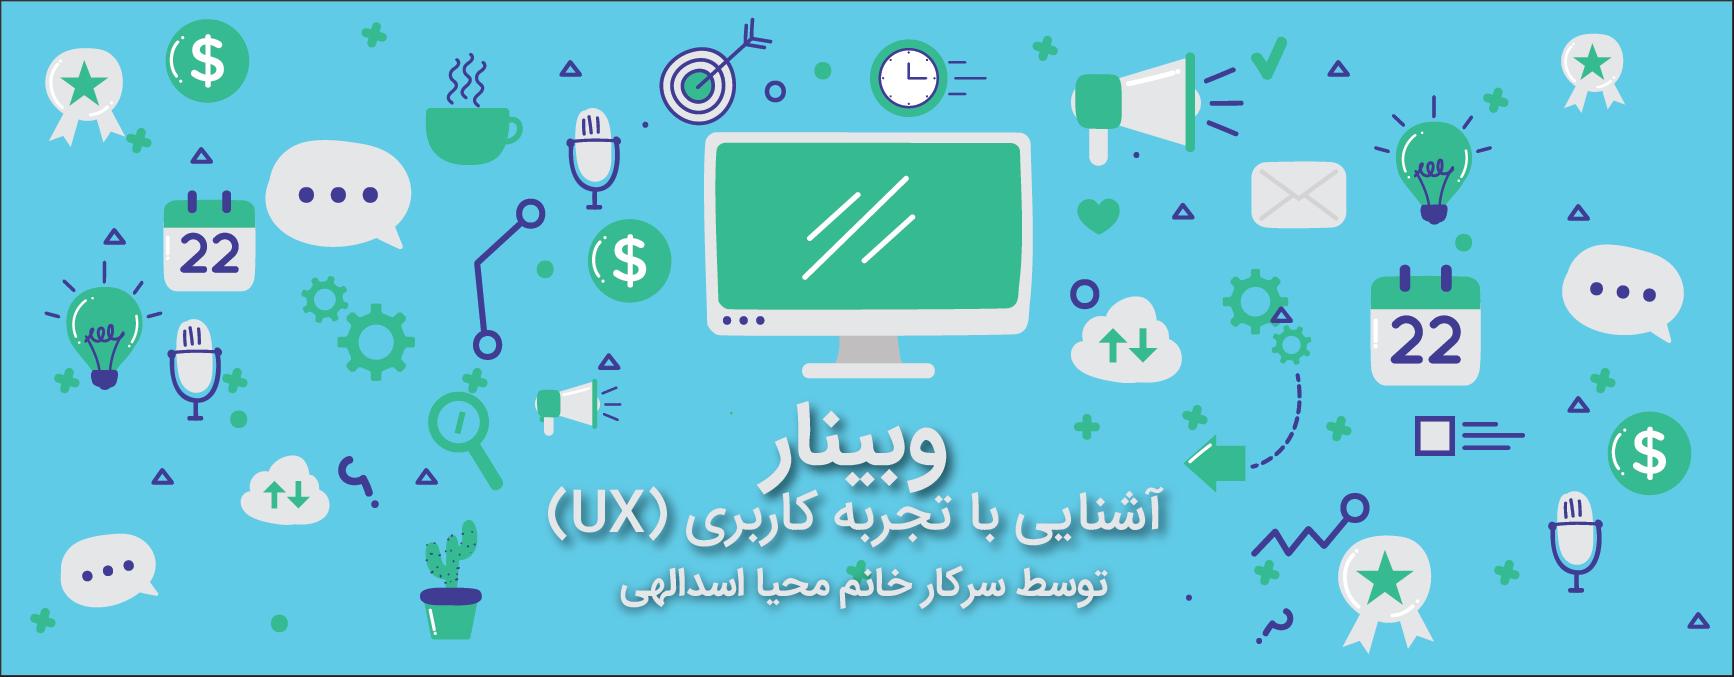 وبینار آشنایی با تجربه کاربری (UX)